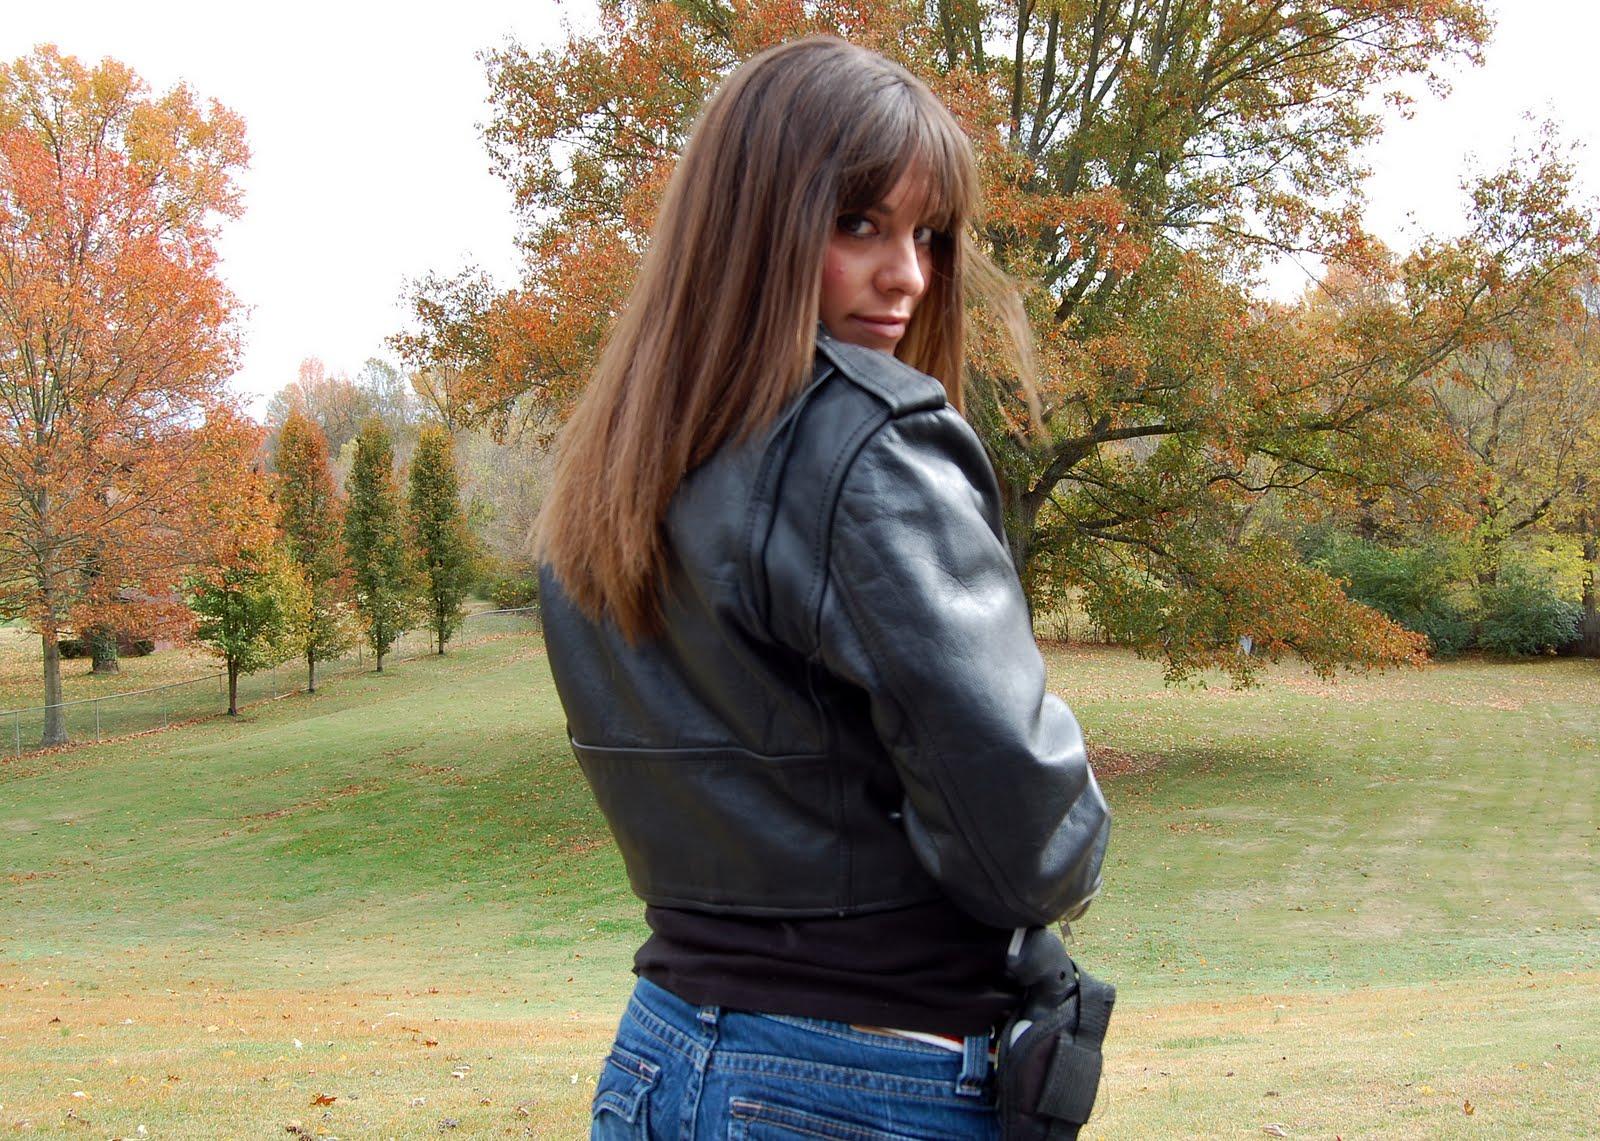 http://4.bp.blogspot.com/_4jAcCiO9pUc/S-KRexqkLnI/AAAAAAAADtw/zfRusEqw9AE/s1600/4.jpg